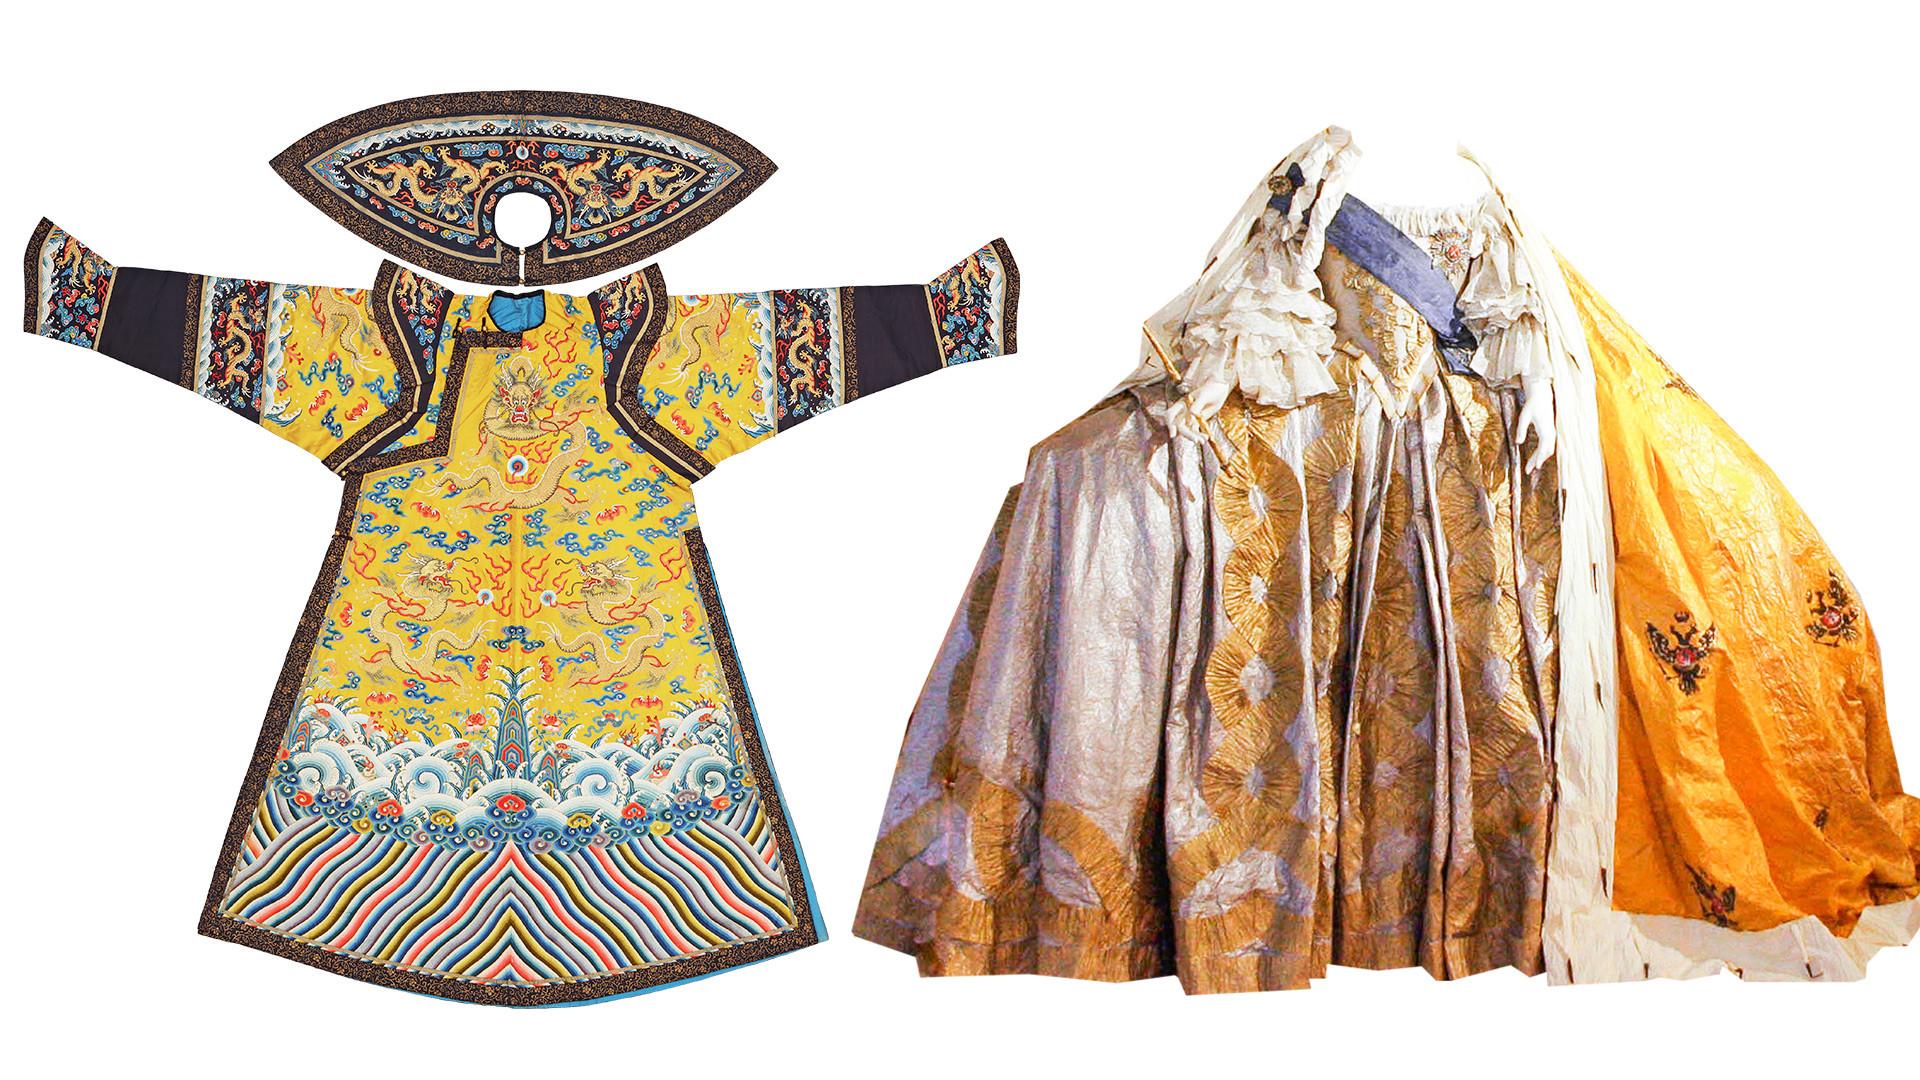 左:中国の皇后の式服、清朝時代。右:ロシアの皇后の戴冠 ドレス。